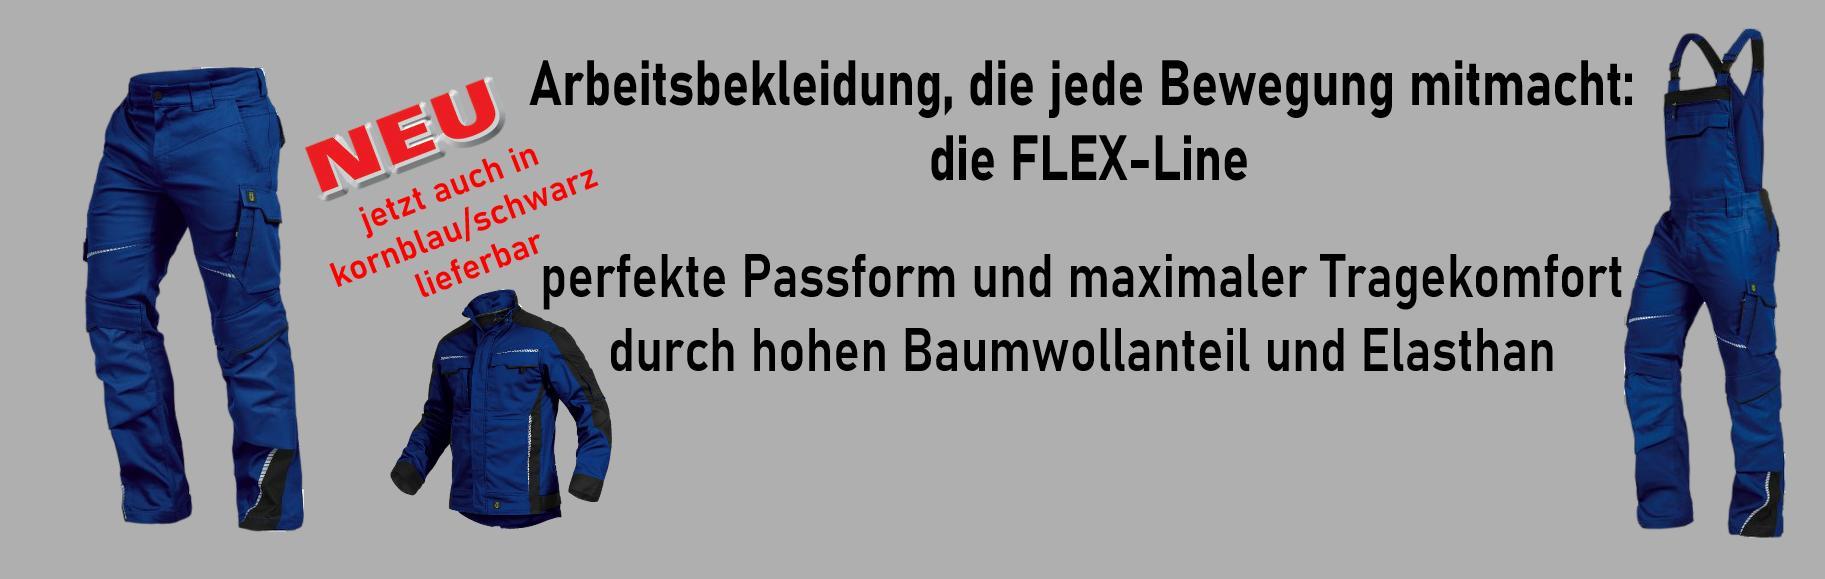 Flex-Line